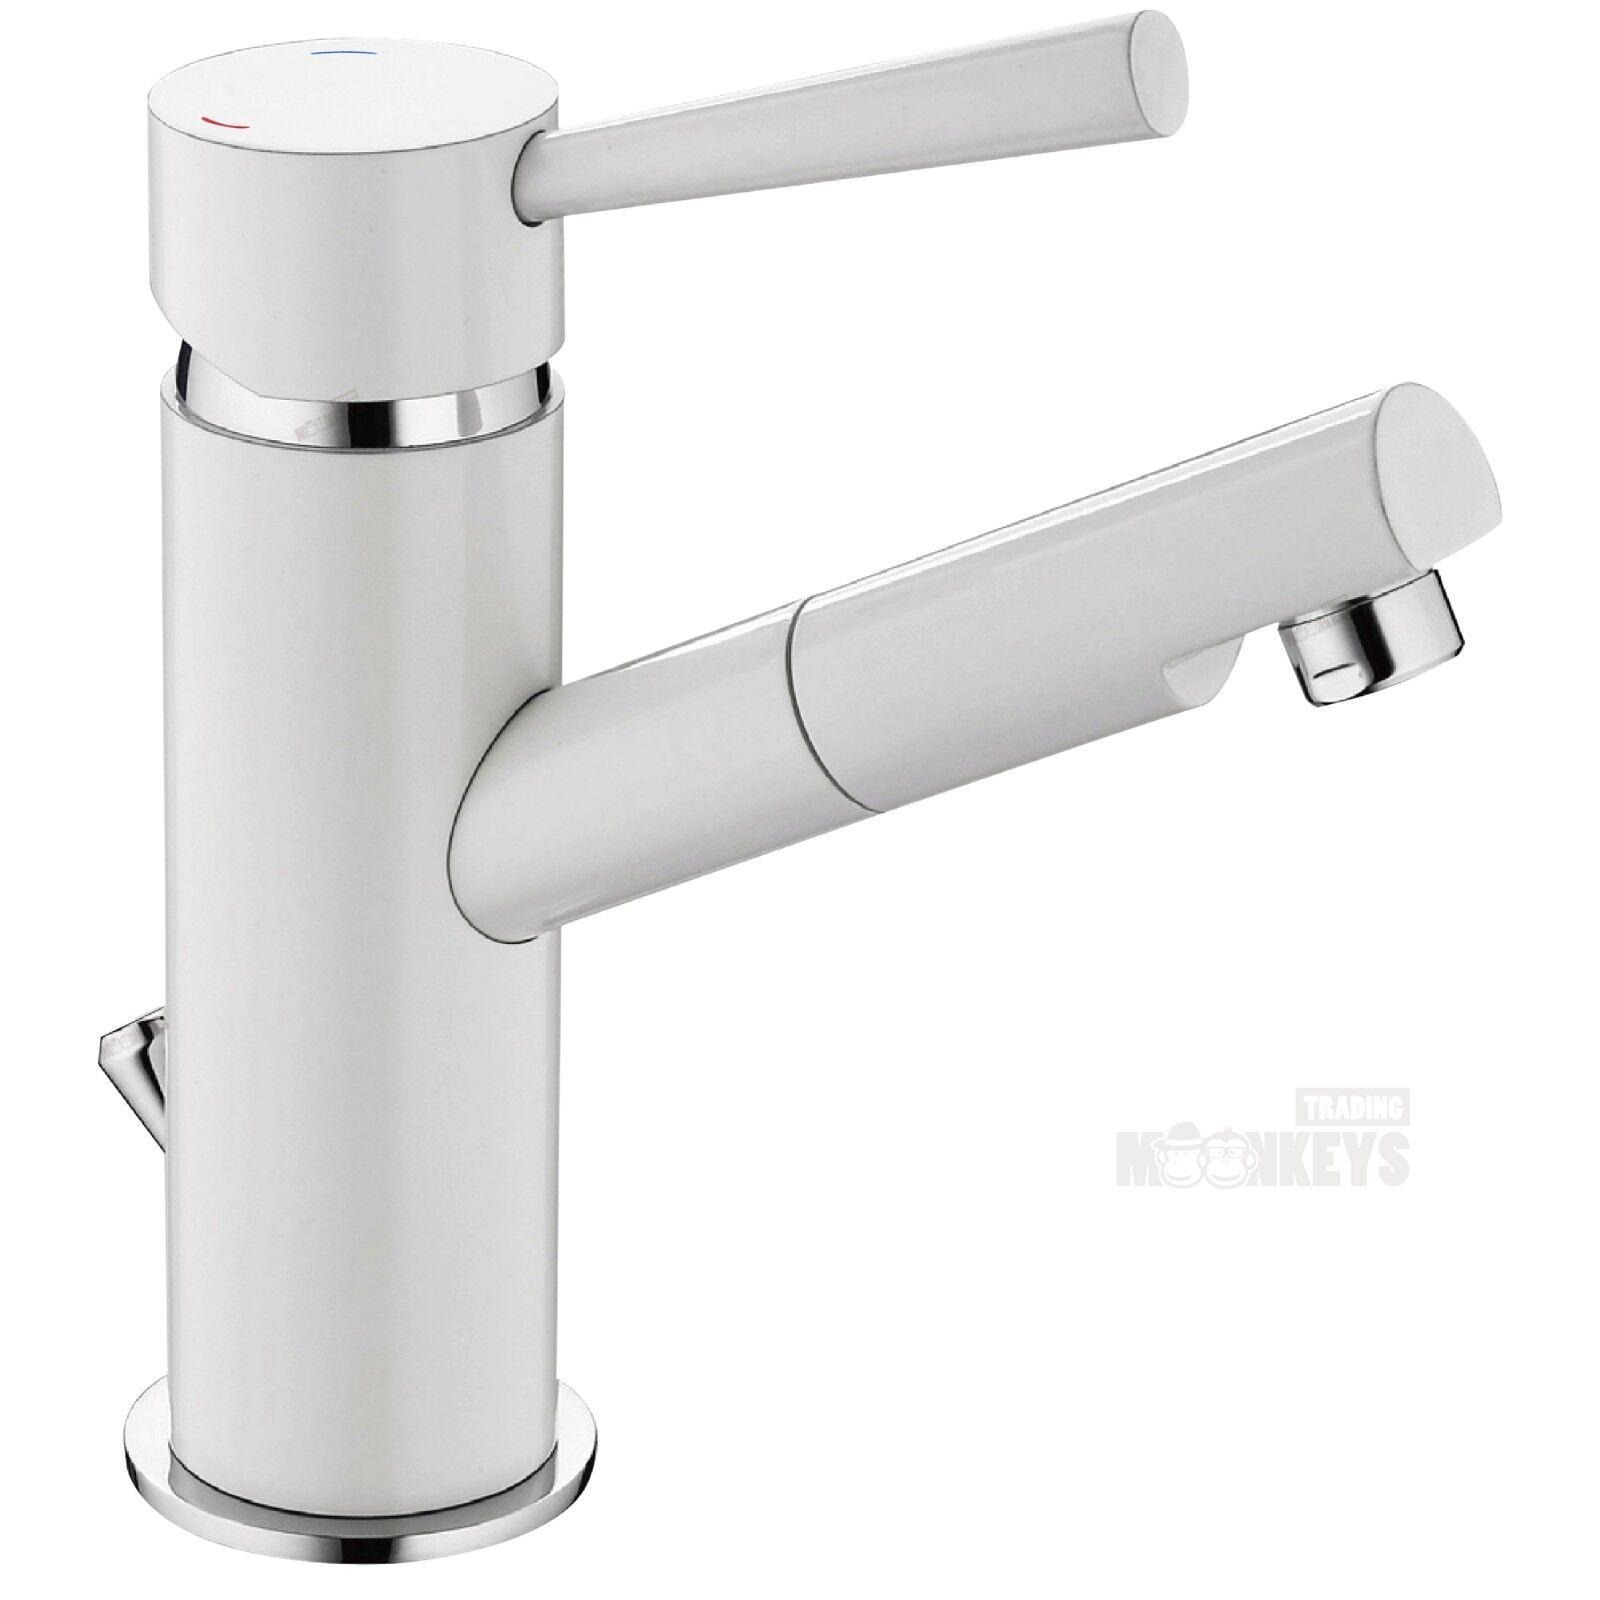 Einhebel-mischer Bad Waschtisch Armatur Wasserhahn in weiss weiss weiss inkl. Ablaufgarnitur 0bf297